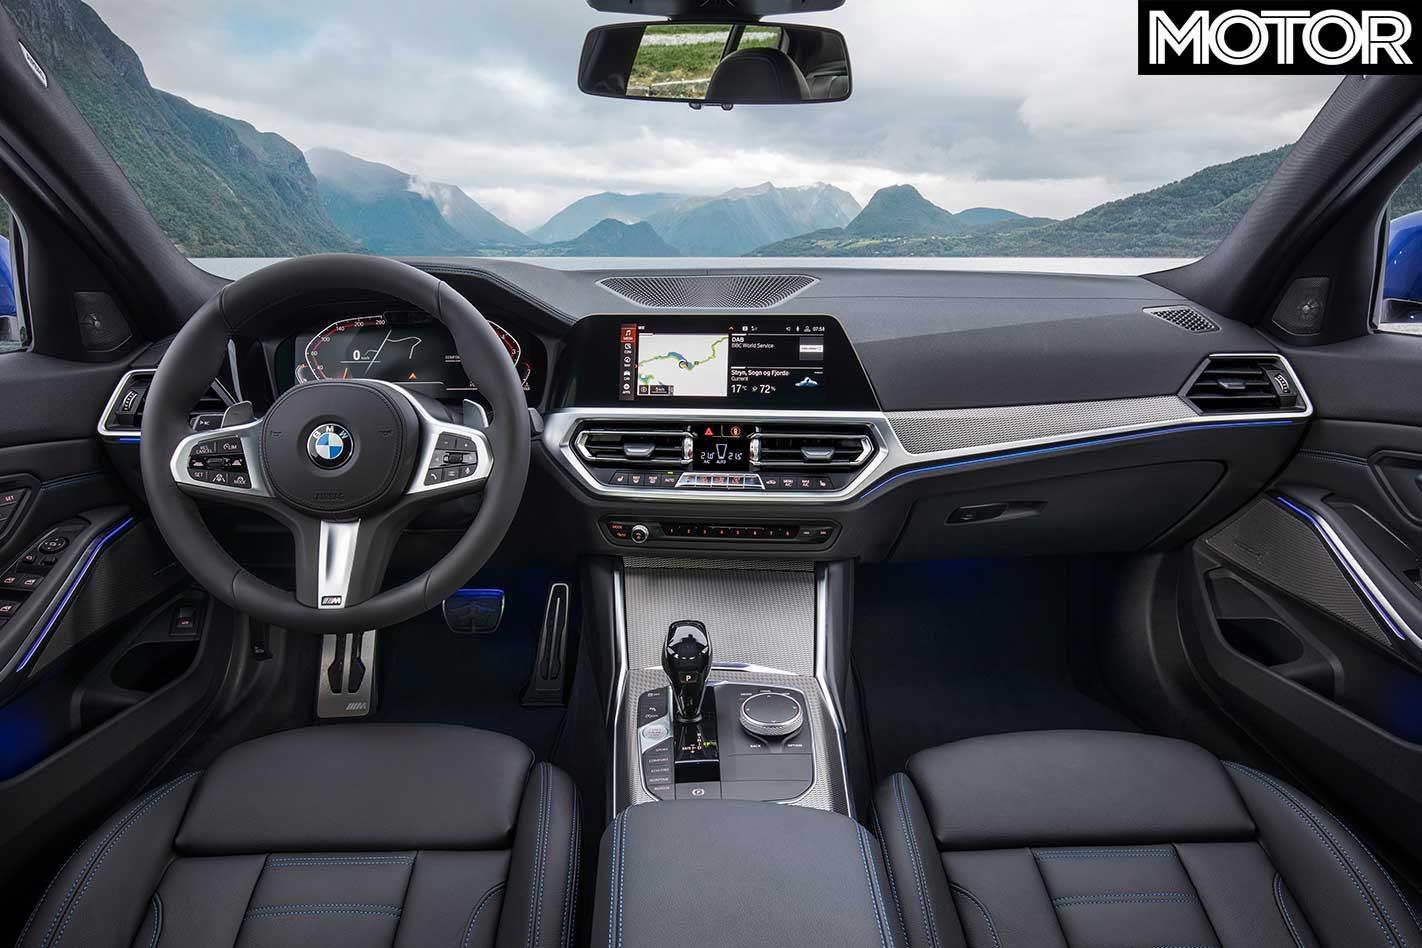 2019 Bmw M340i Revealed 2018 Paris Motor Show